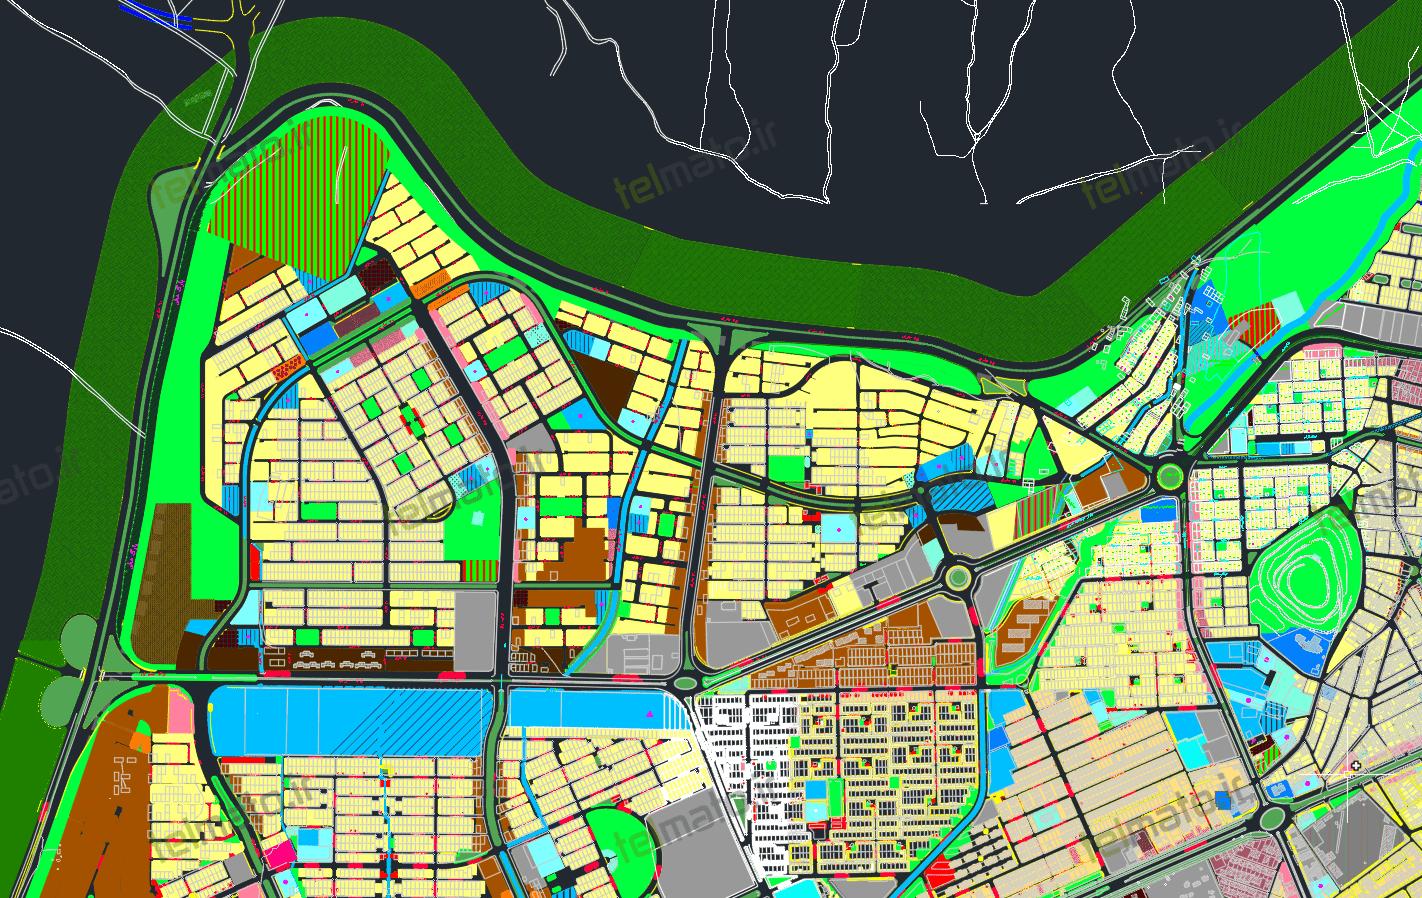 دانلود رایگان فایل نقشه اتوکد طرح تفصیلی شهر ایلام با جزئیات کامل و قابل ویرایش با فرمت DWG